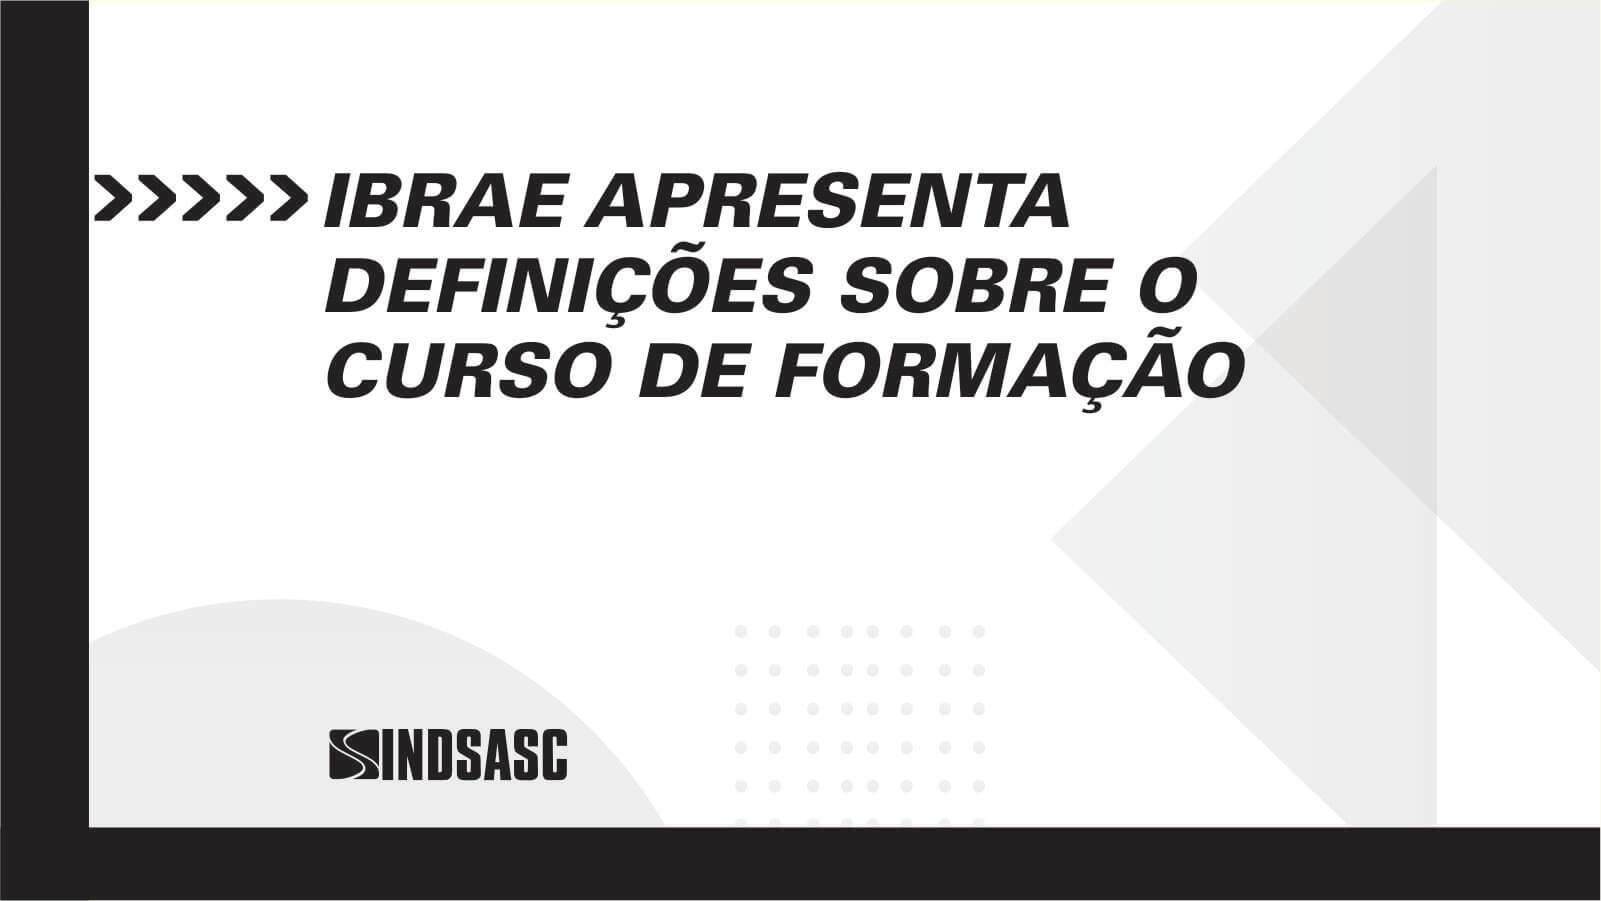 IBRAE APRESENTA DEFINIÇÕES SOBRE O CURSO DE FORMAÇÃO